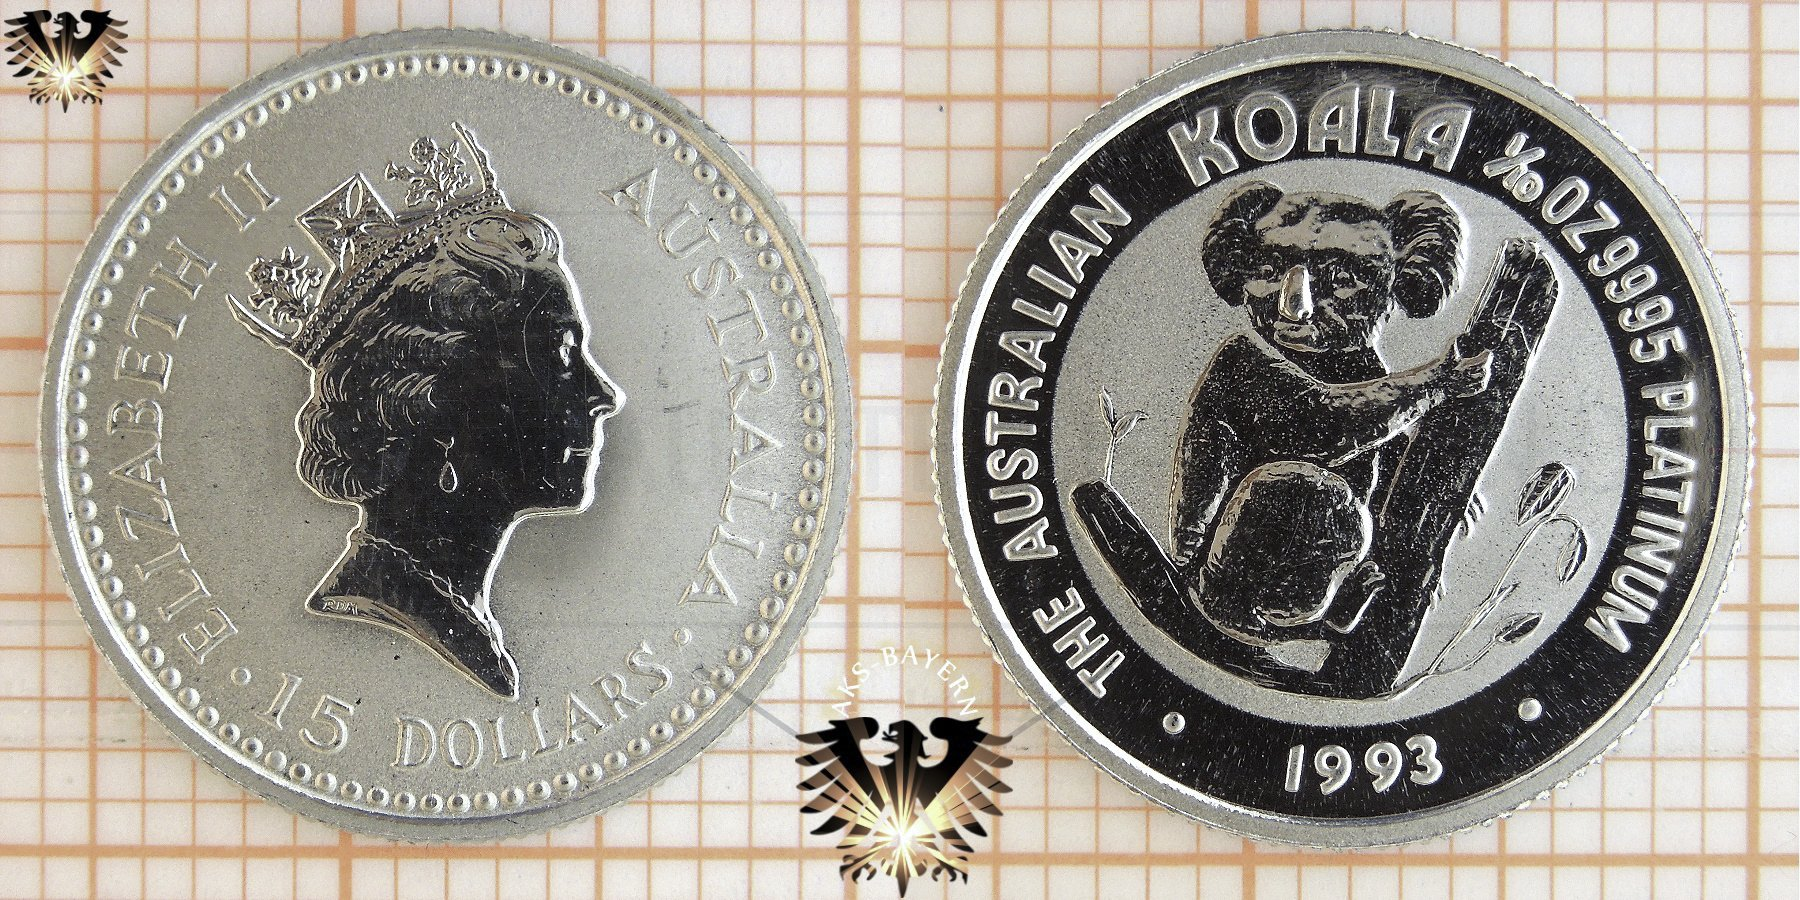 15 Aud 15 Dollars 1993 Australien Koala 110 Oz Platin